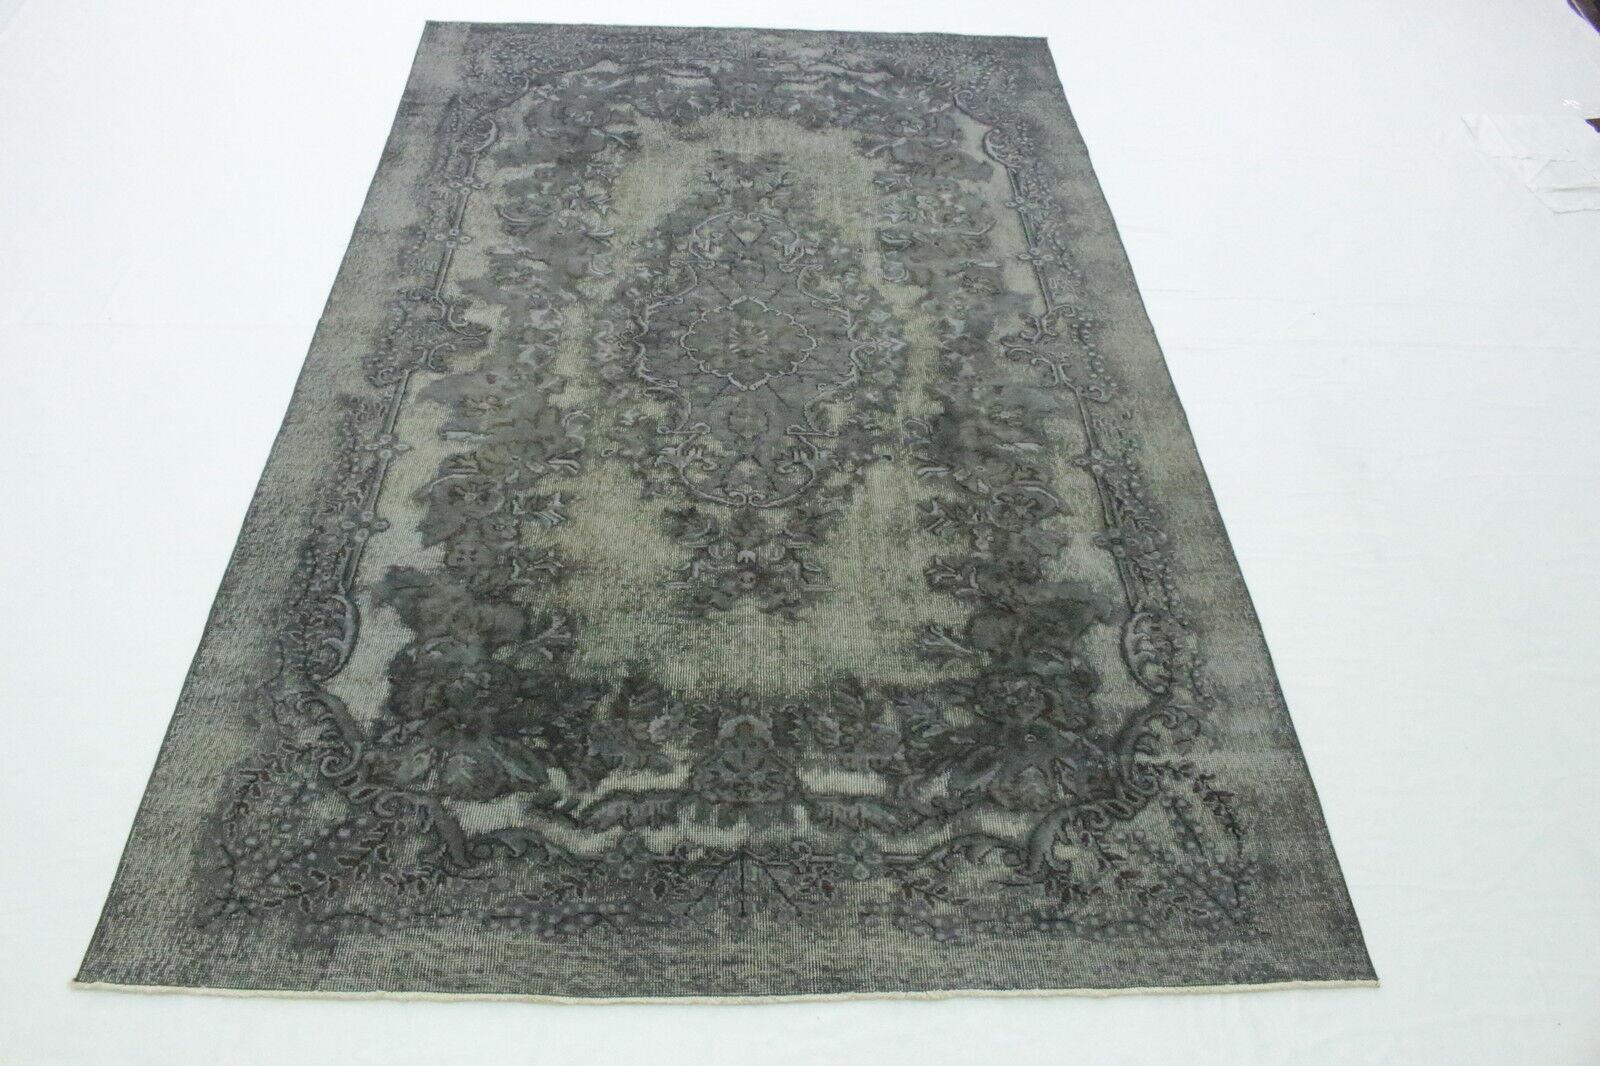 Vintage artistas trabajo look usado 310x190 gris Edel 3d en relieve oriental t3062